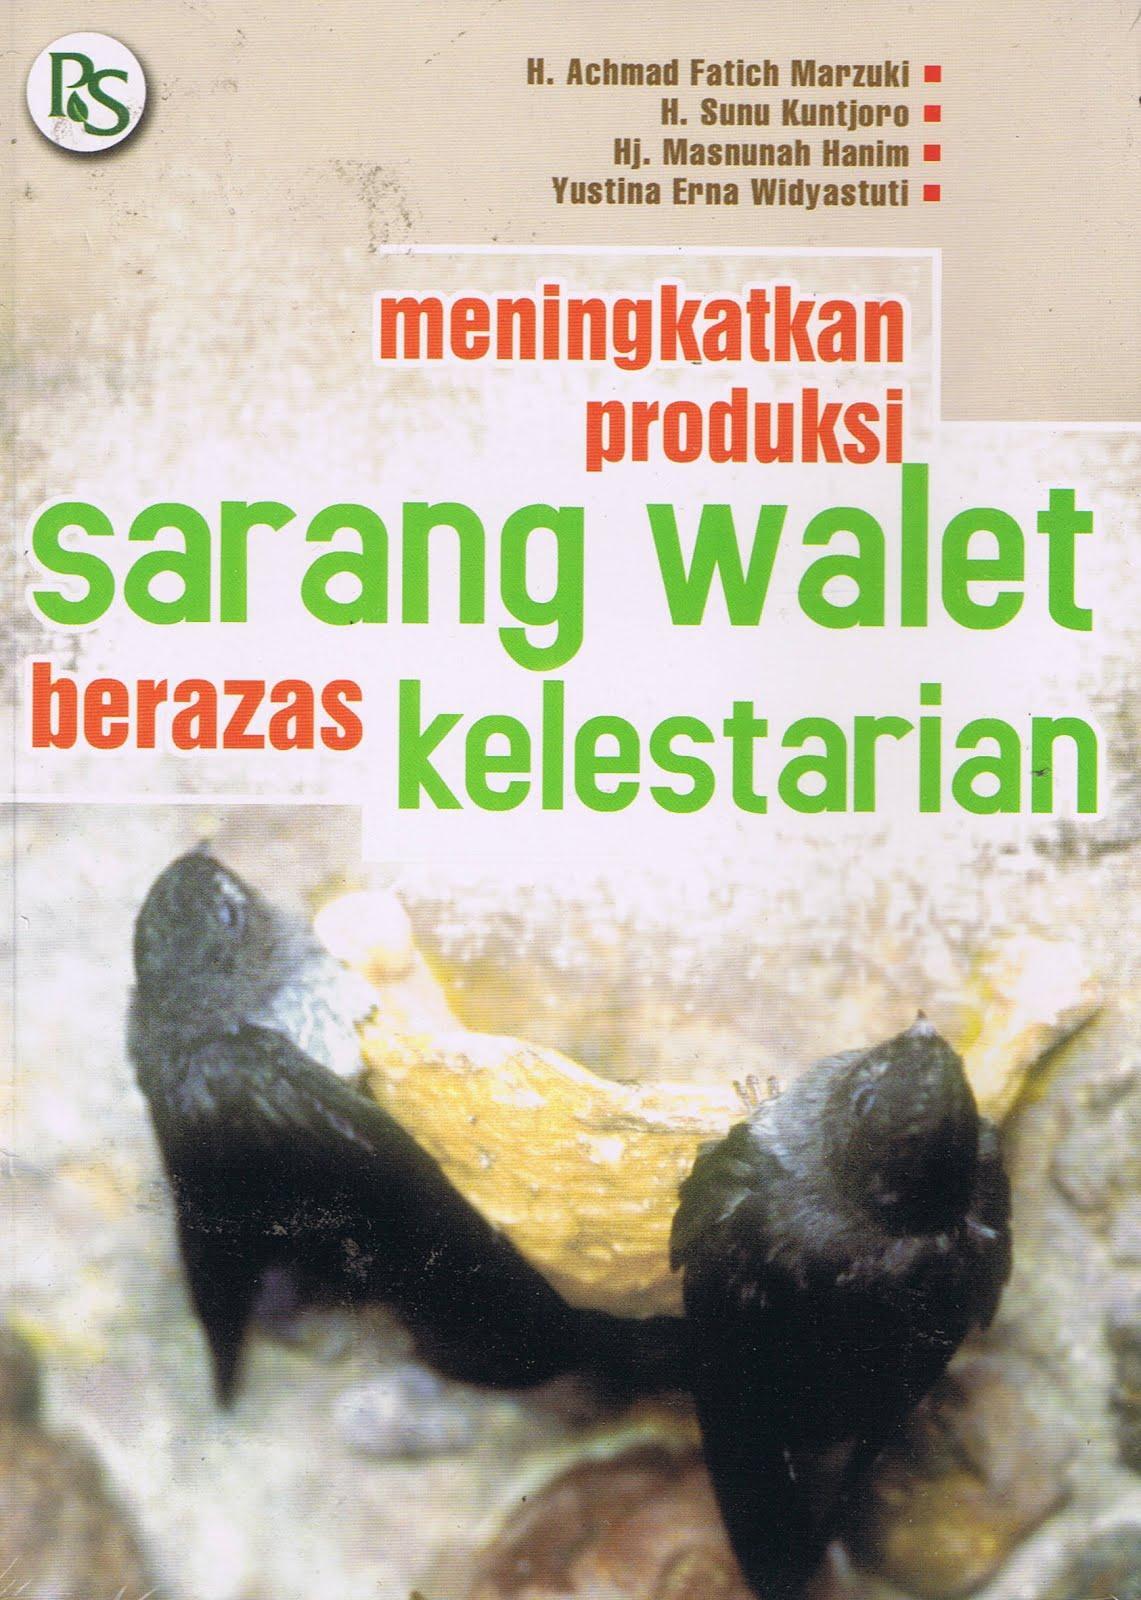 Meningkatkan Produksi Sarang Walet